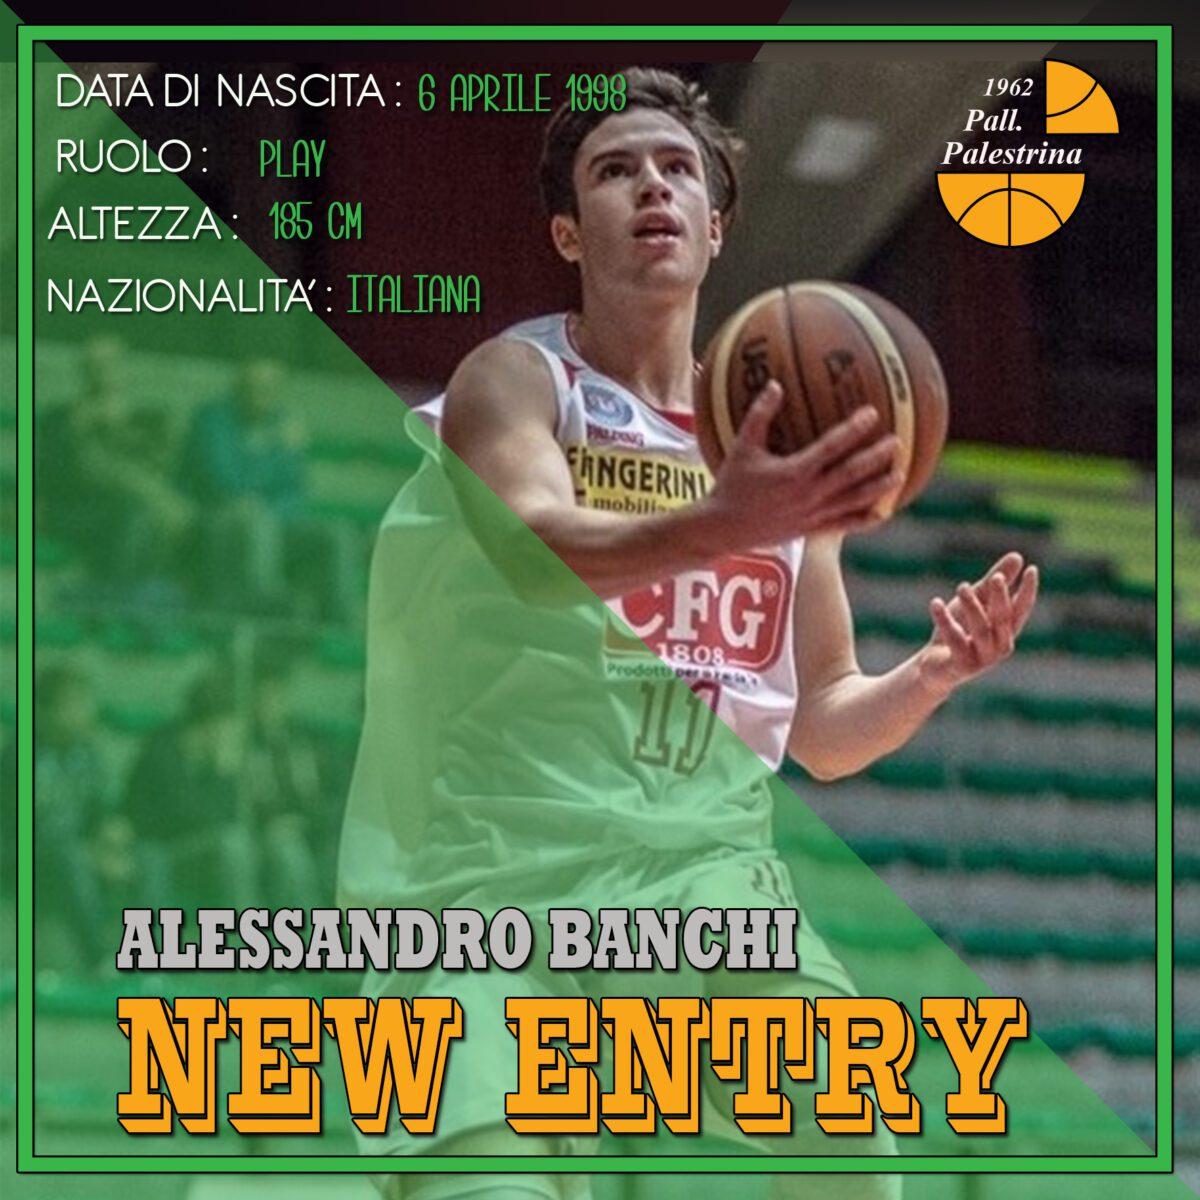 Palestrina acquista il secondo under: benvenuto ad Alessandro Banchi